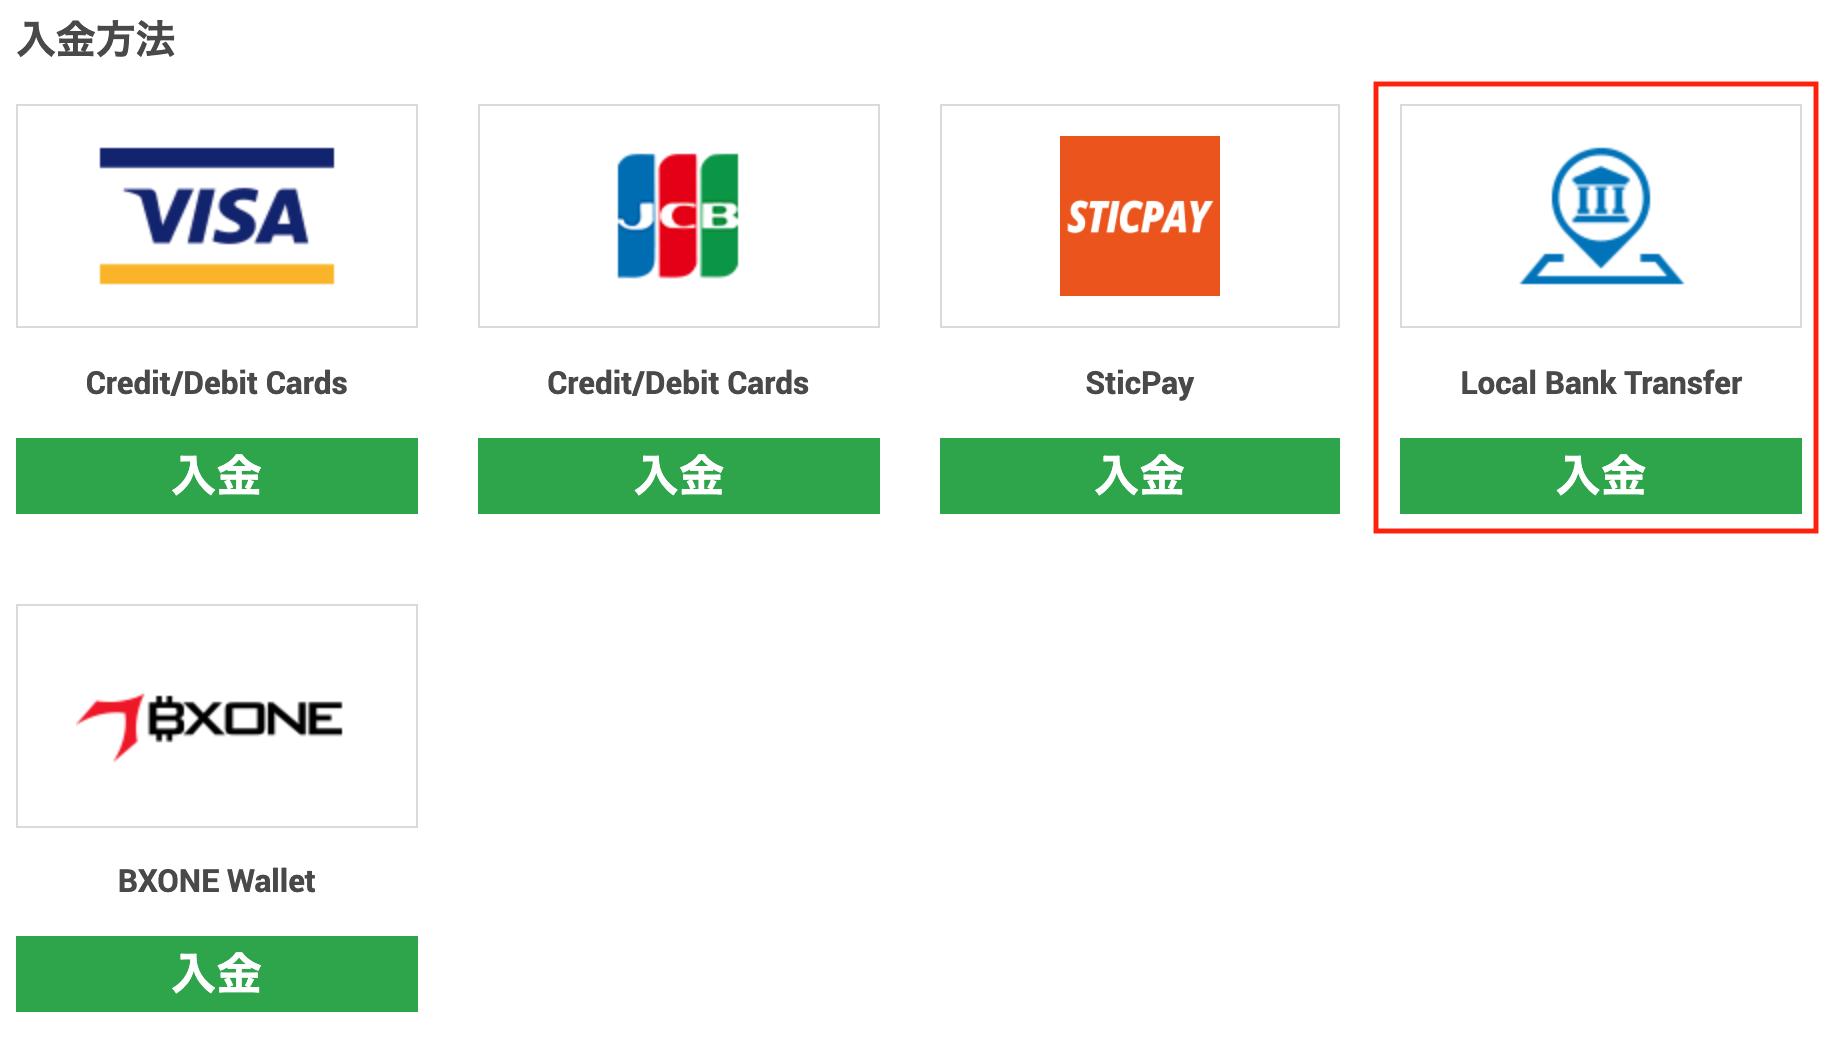 入金方法一覧から銀行振込を選択する画面